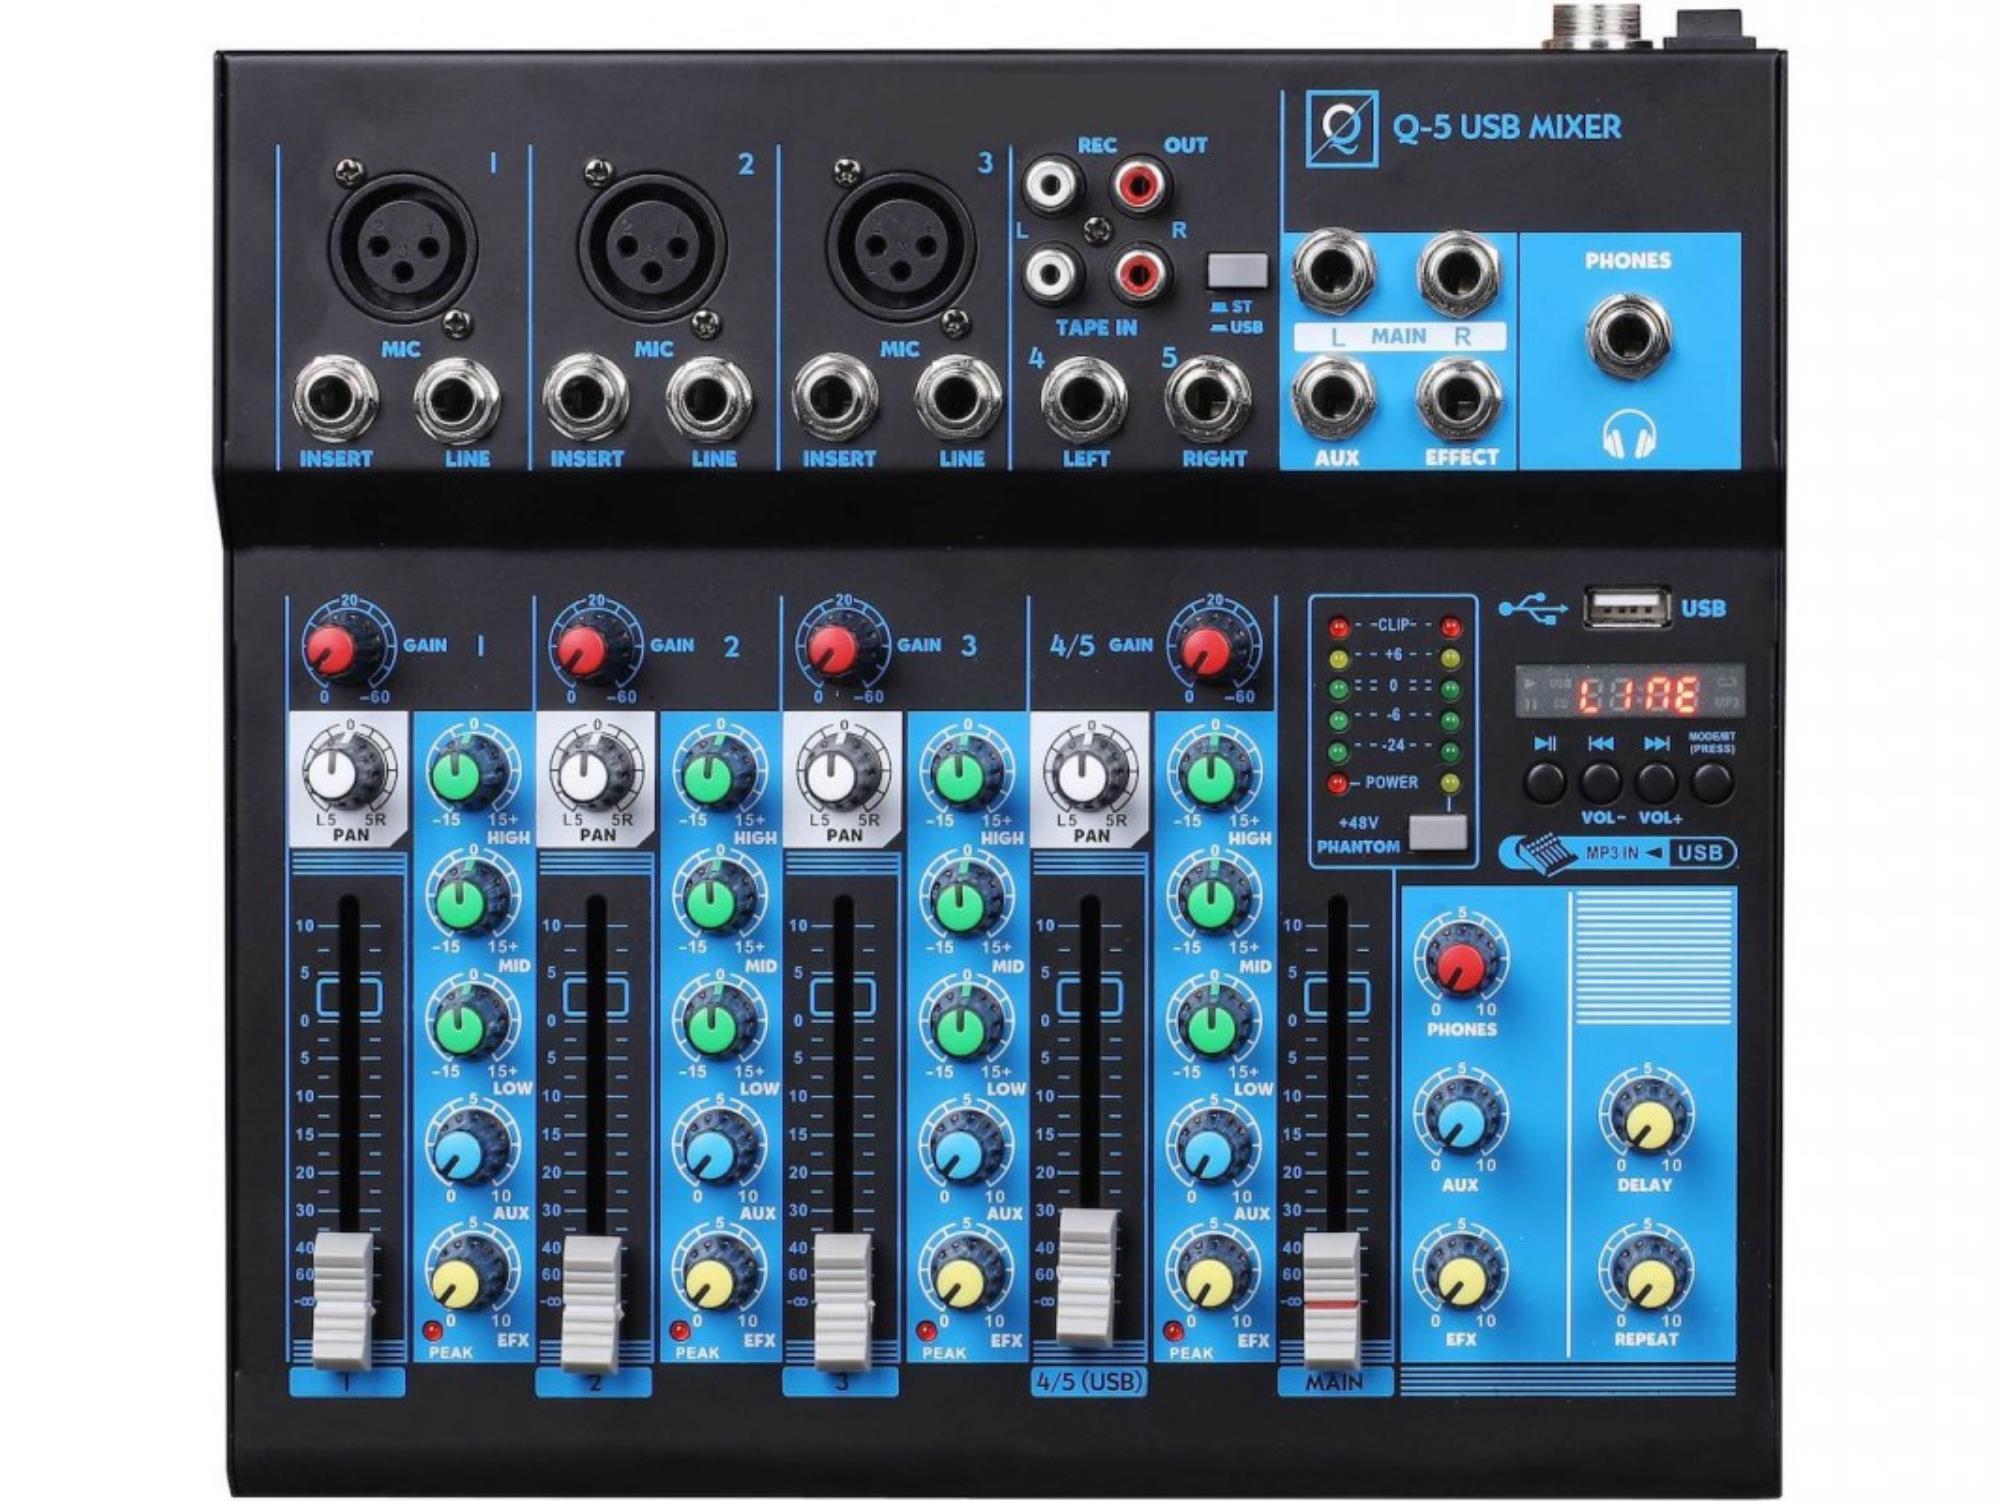 OQAN-MIXER-Q5-MK2-USB-sku-24129